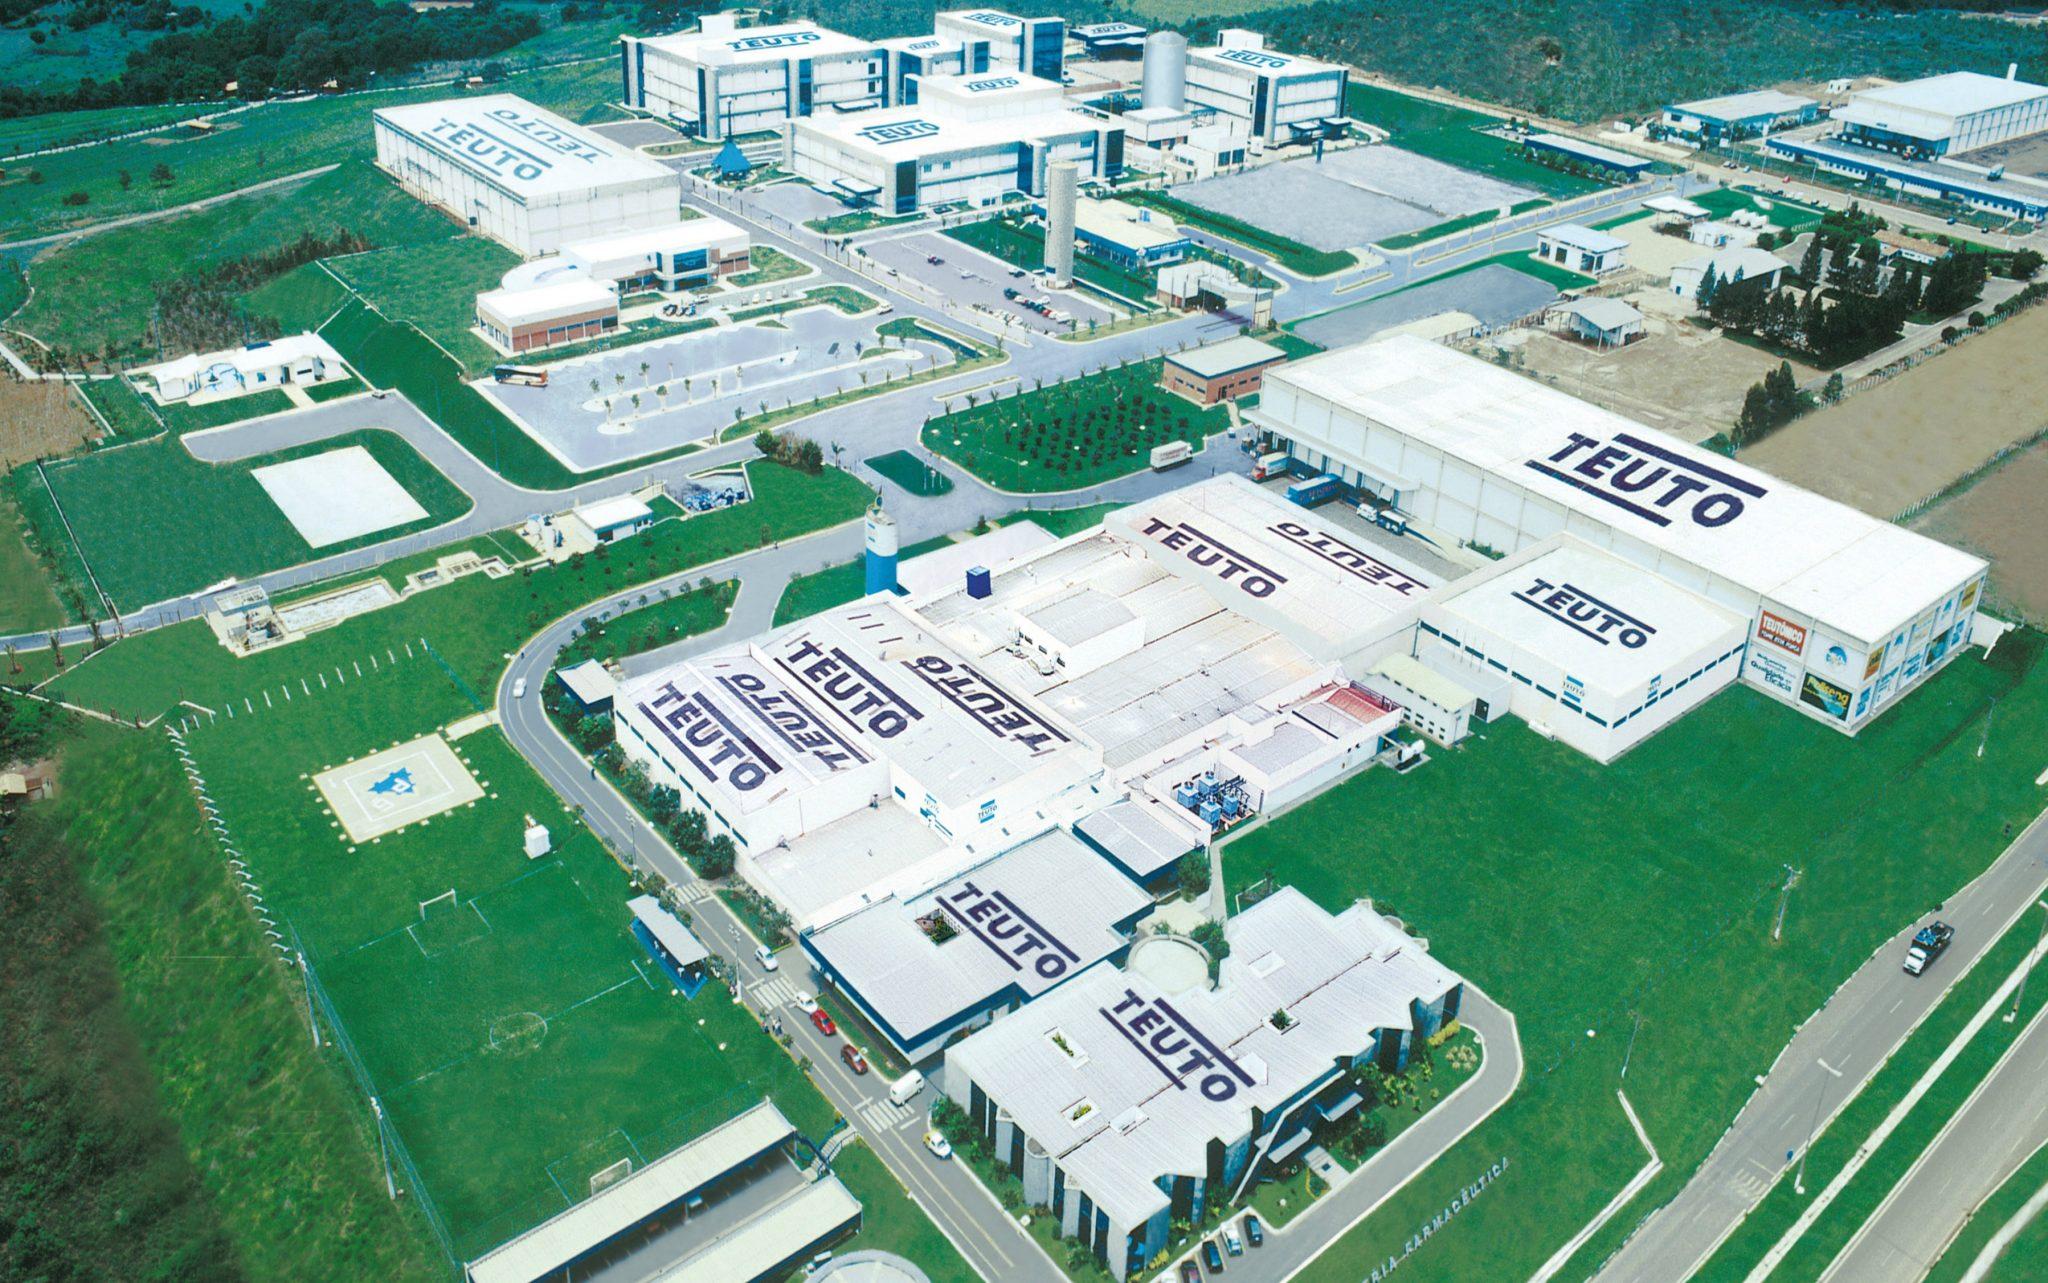 Teuto oferece vagas de emprego em seu parque industrial